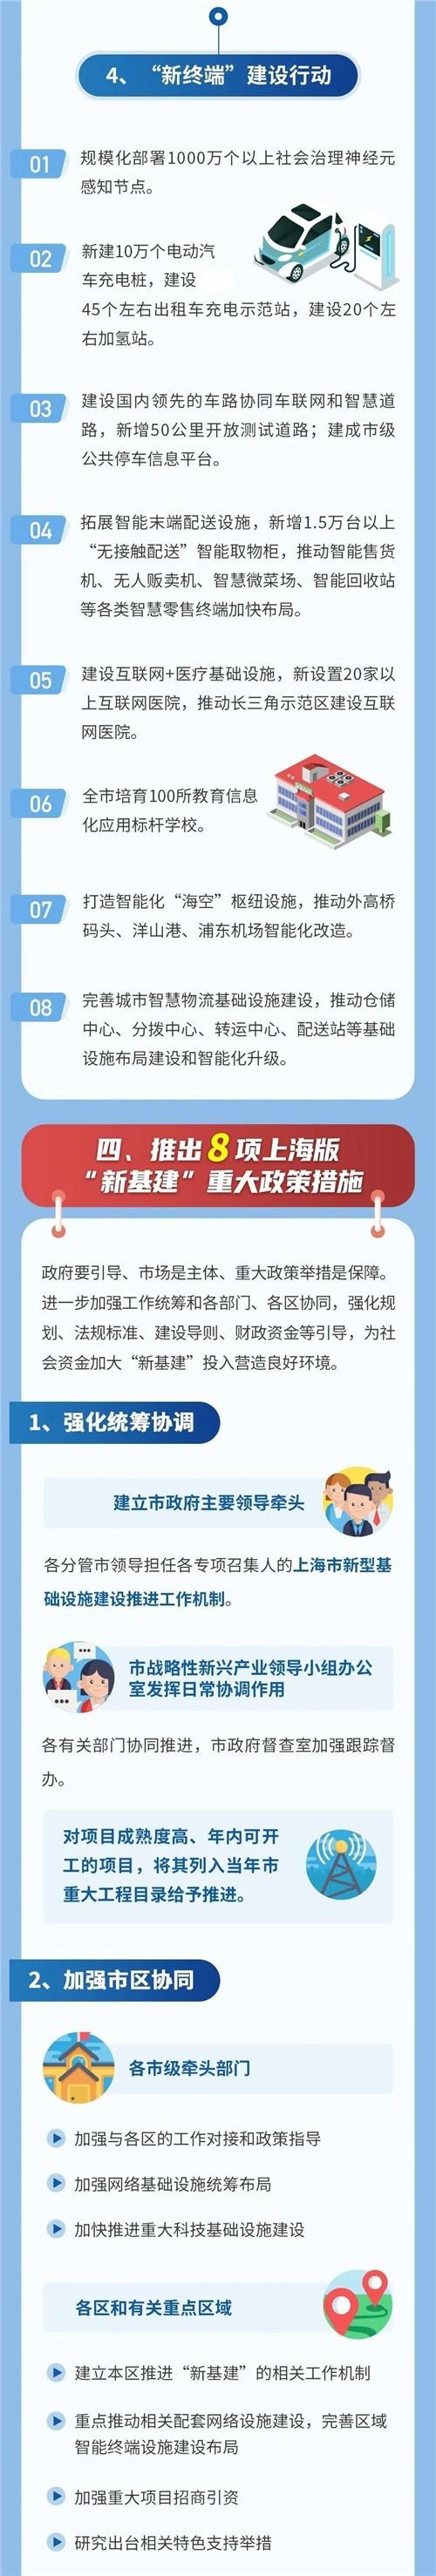 """上海""""新基建""""行动方案出炉3.jpg"""